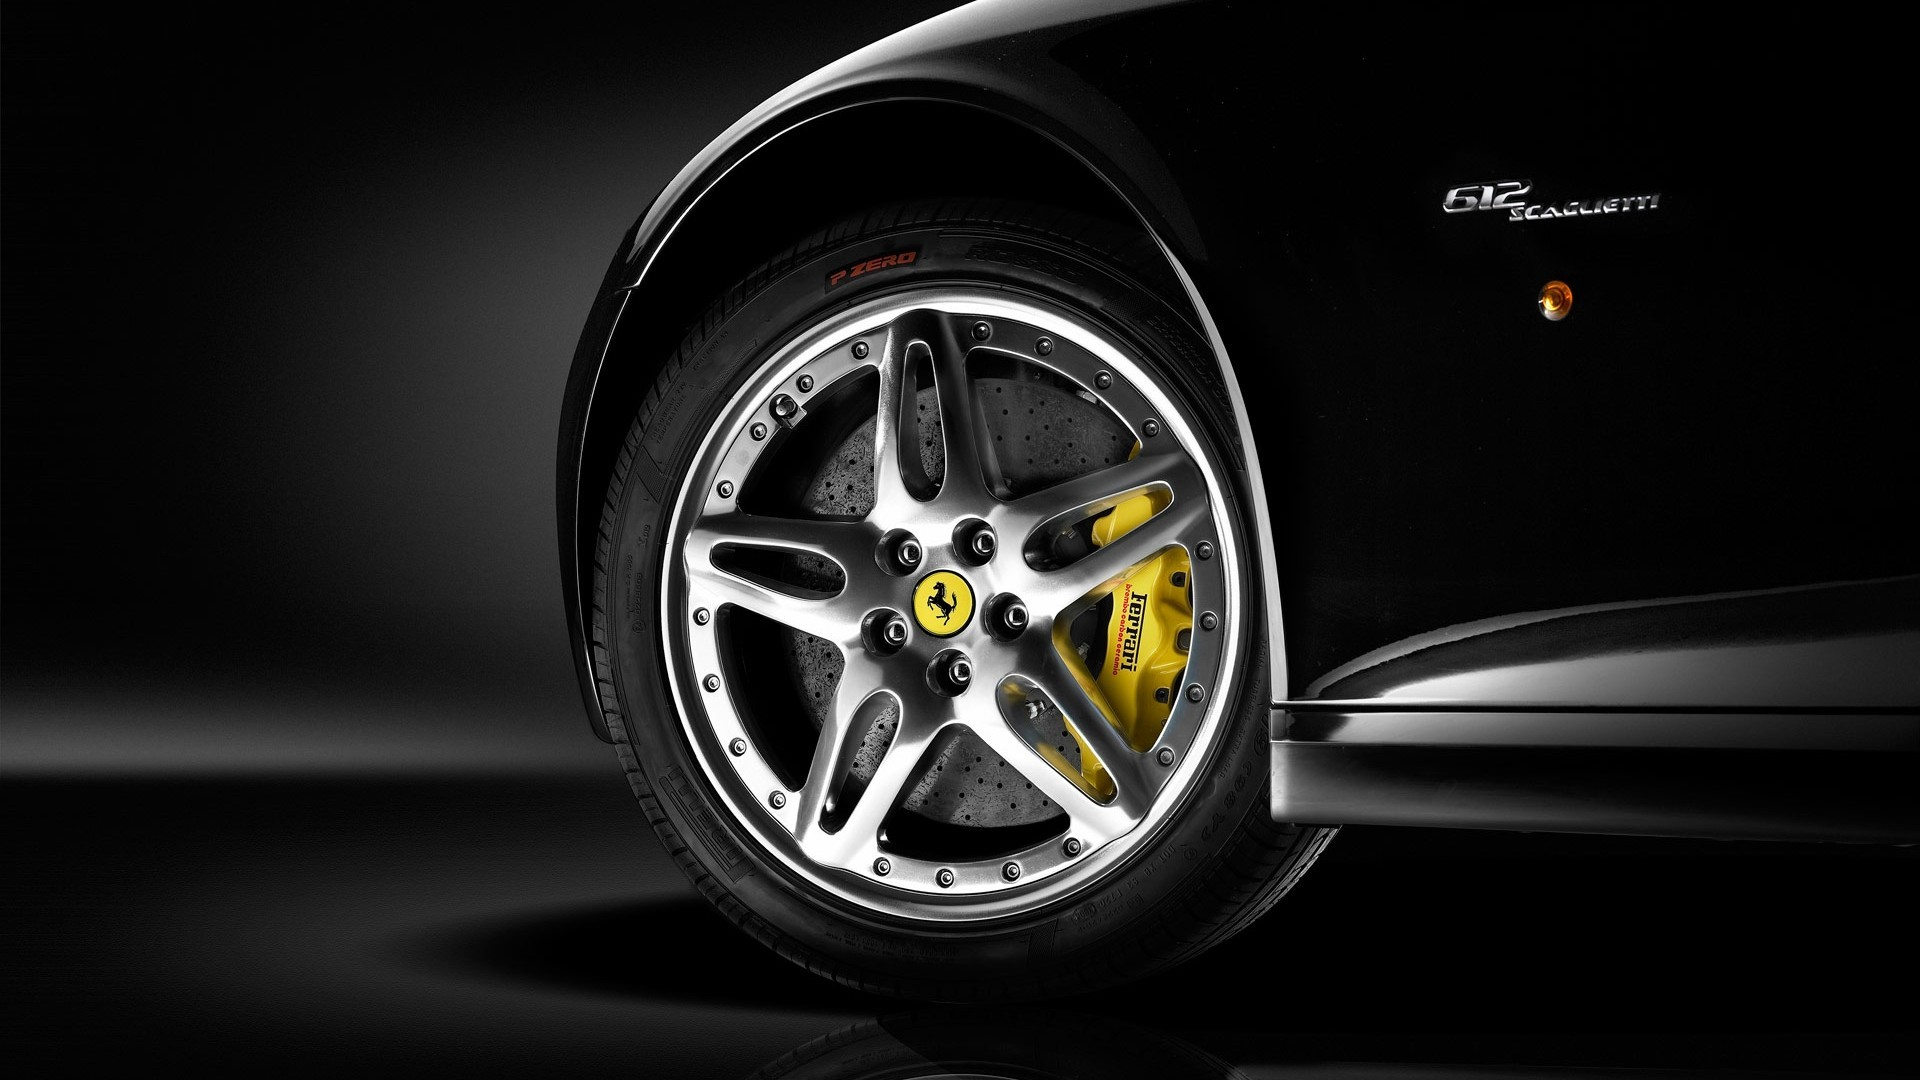 Res: 1920x1080, 612 Black Ferrari Wallpaper